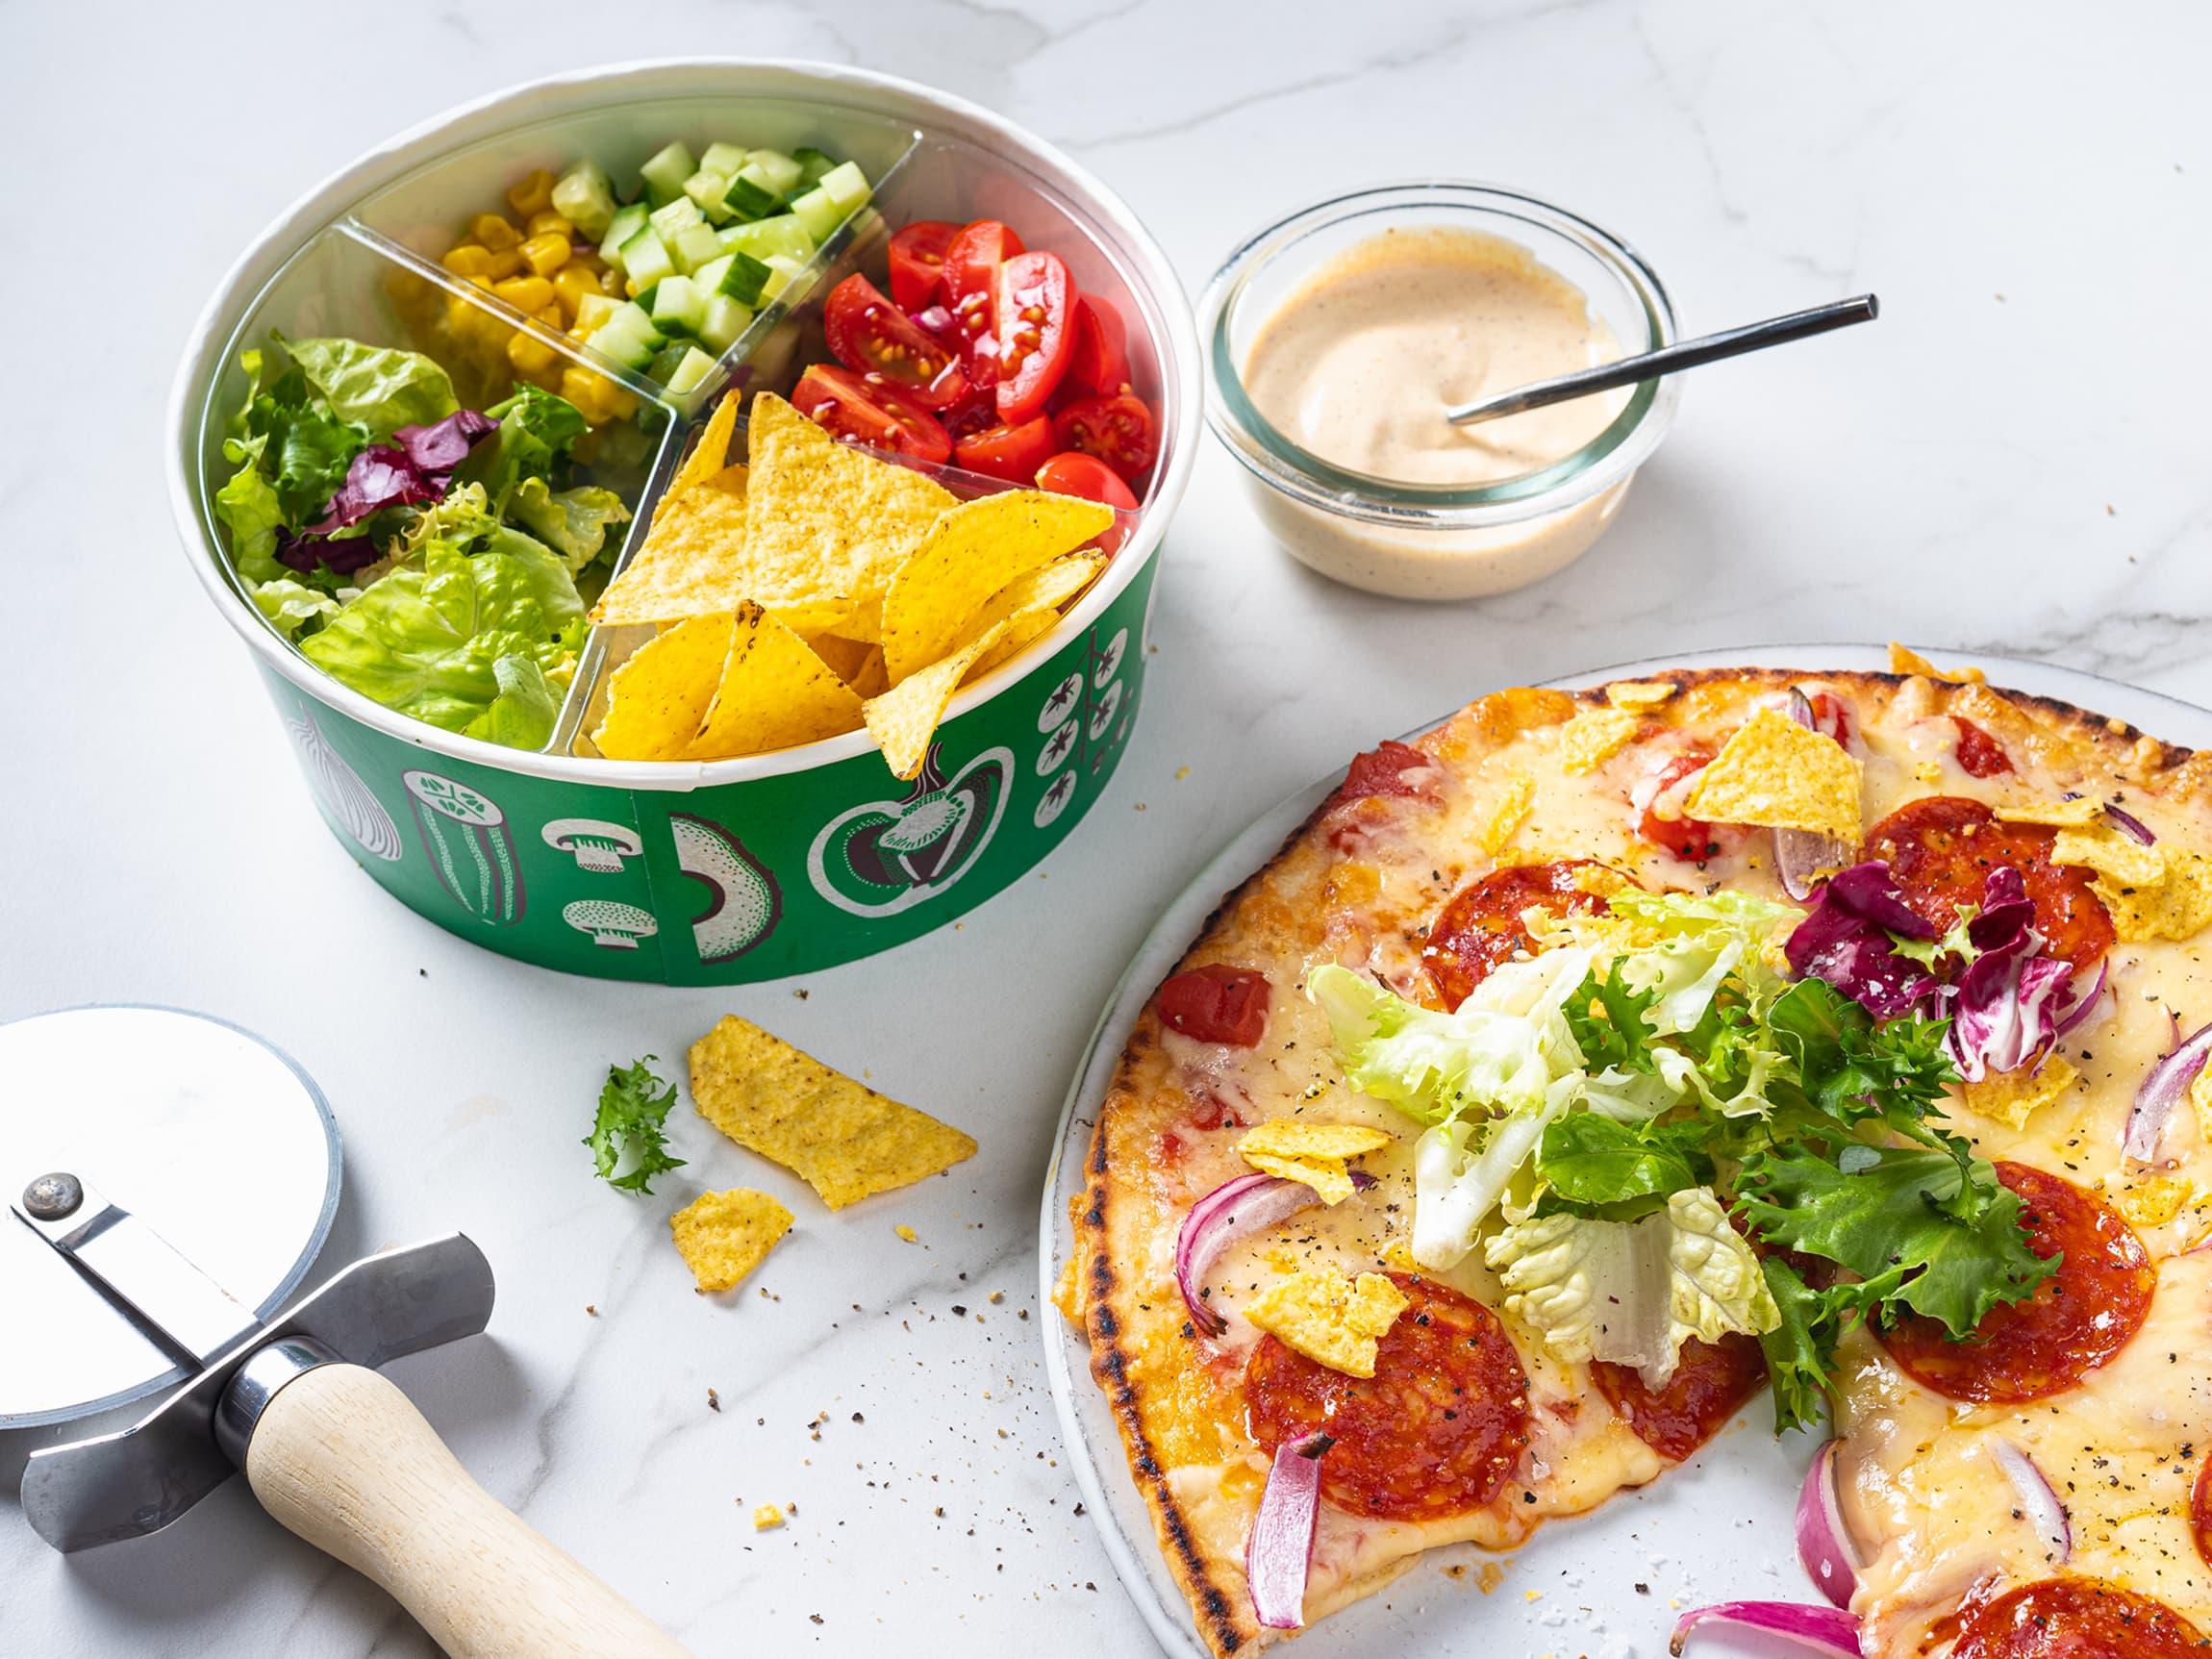 Gjør det til en vane å spise noe grønt til hvert måltid - også pizzaen. En saftig pizza er veldig god med knasende sprø salat.